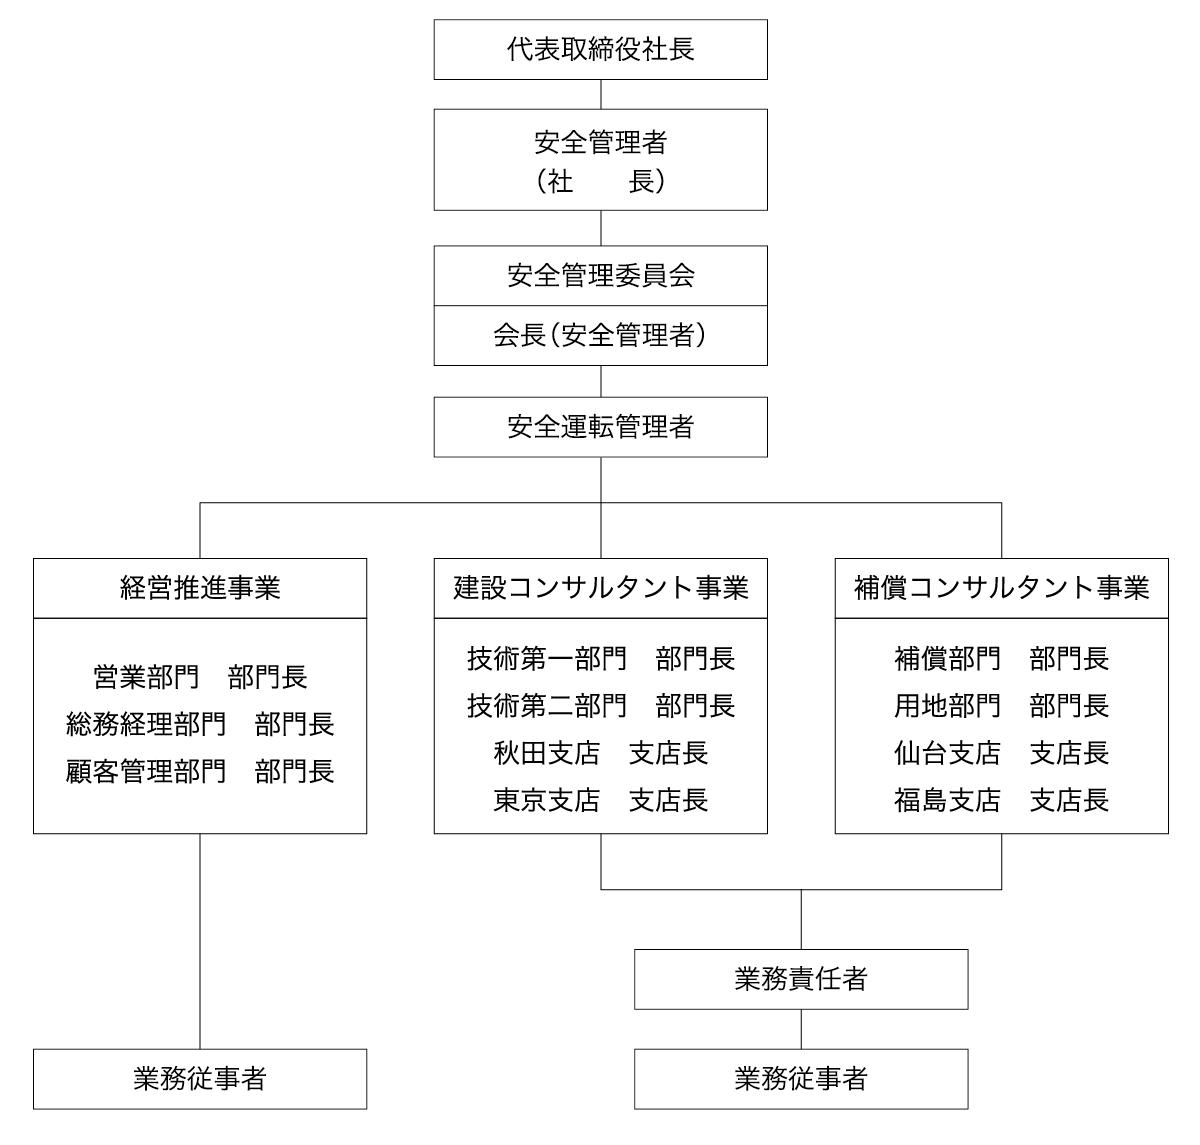 安全管理体制組織図